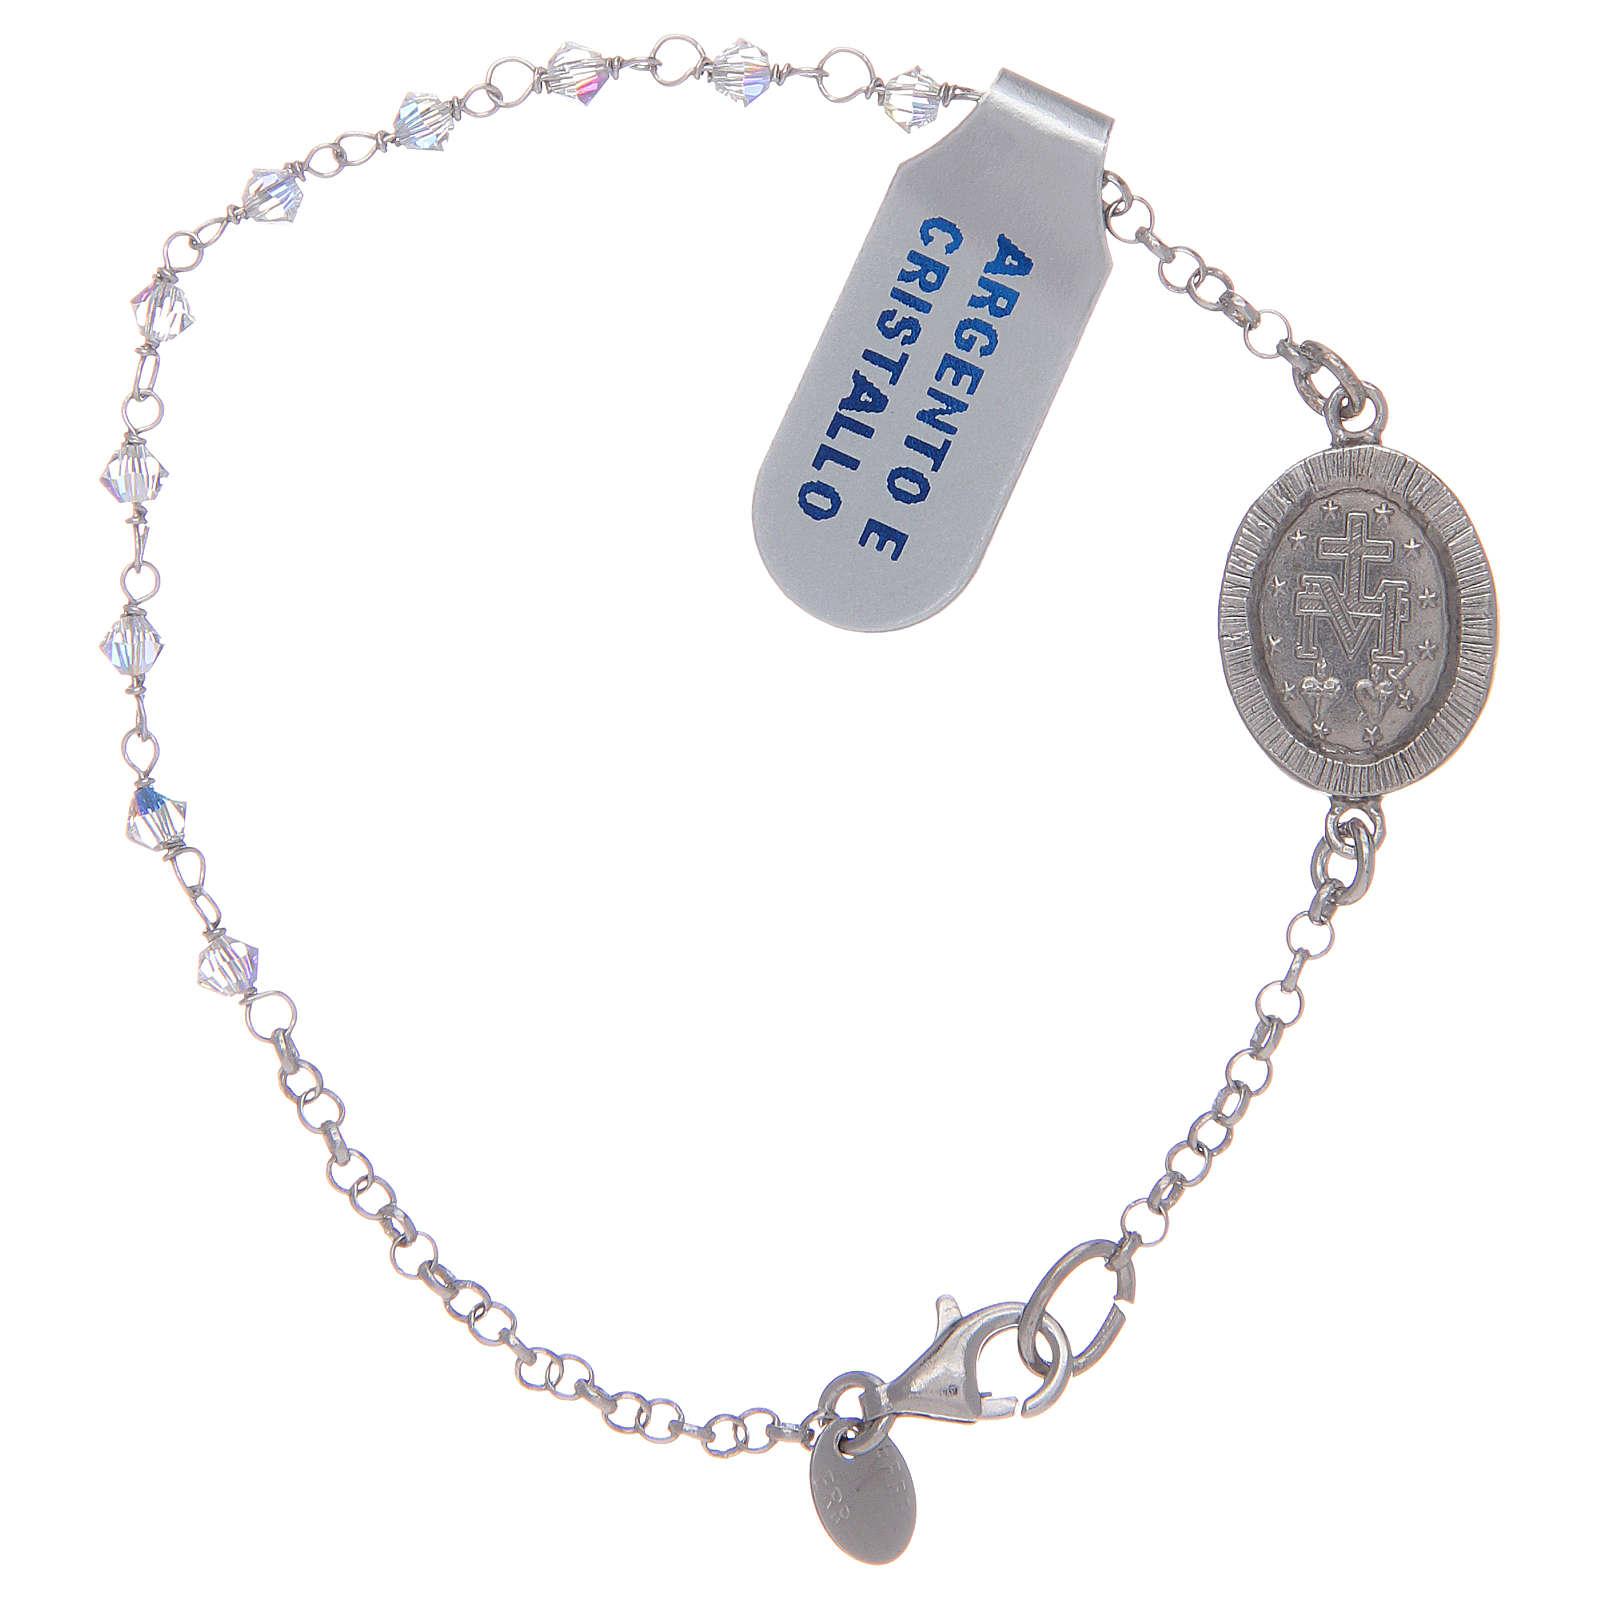 Bracciale zirconi trasparenti medaglietta miracolosa argento 925 4